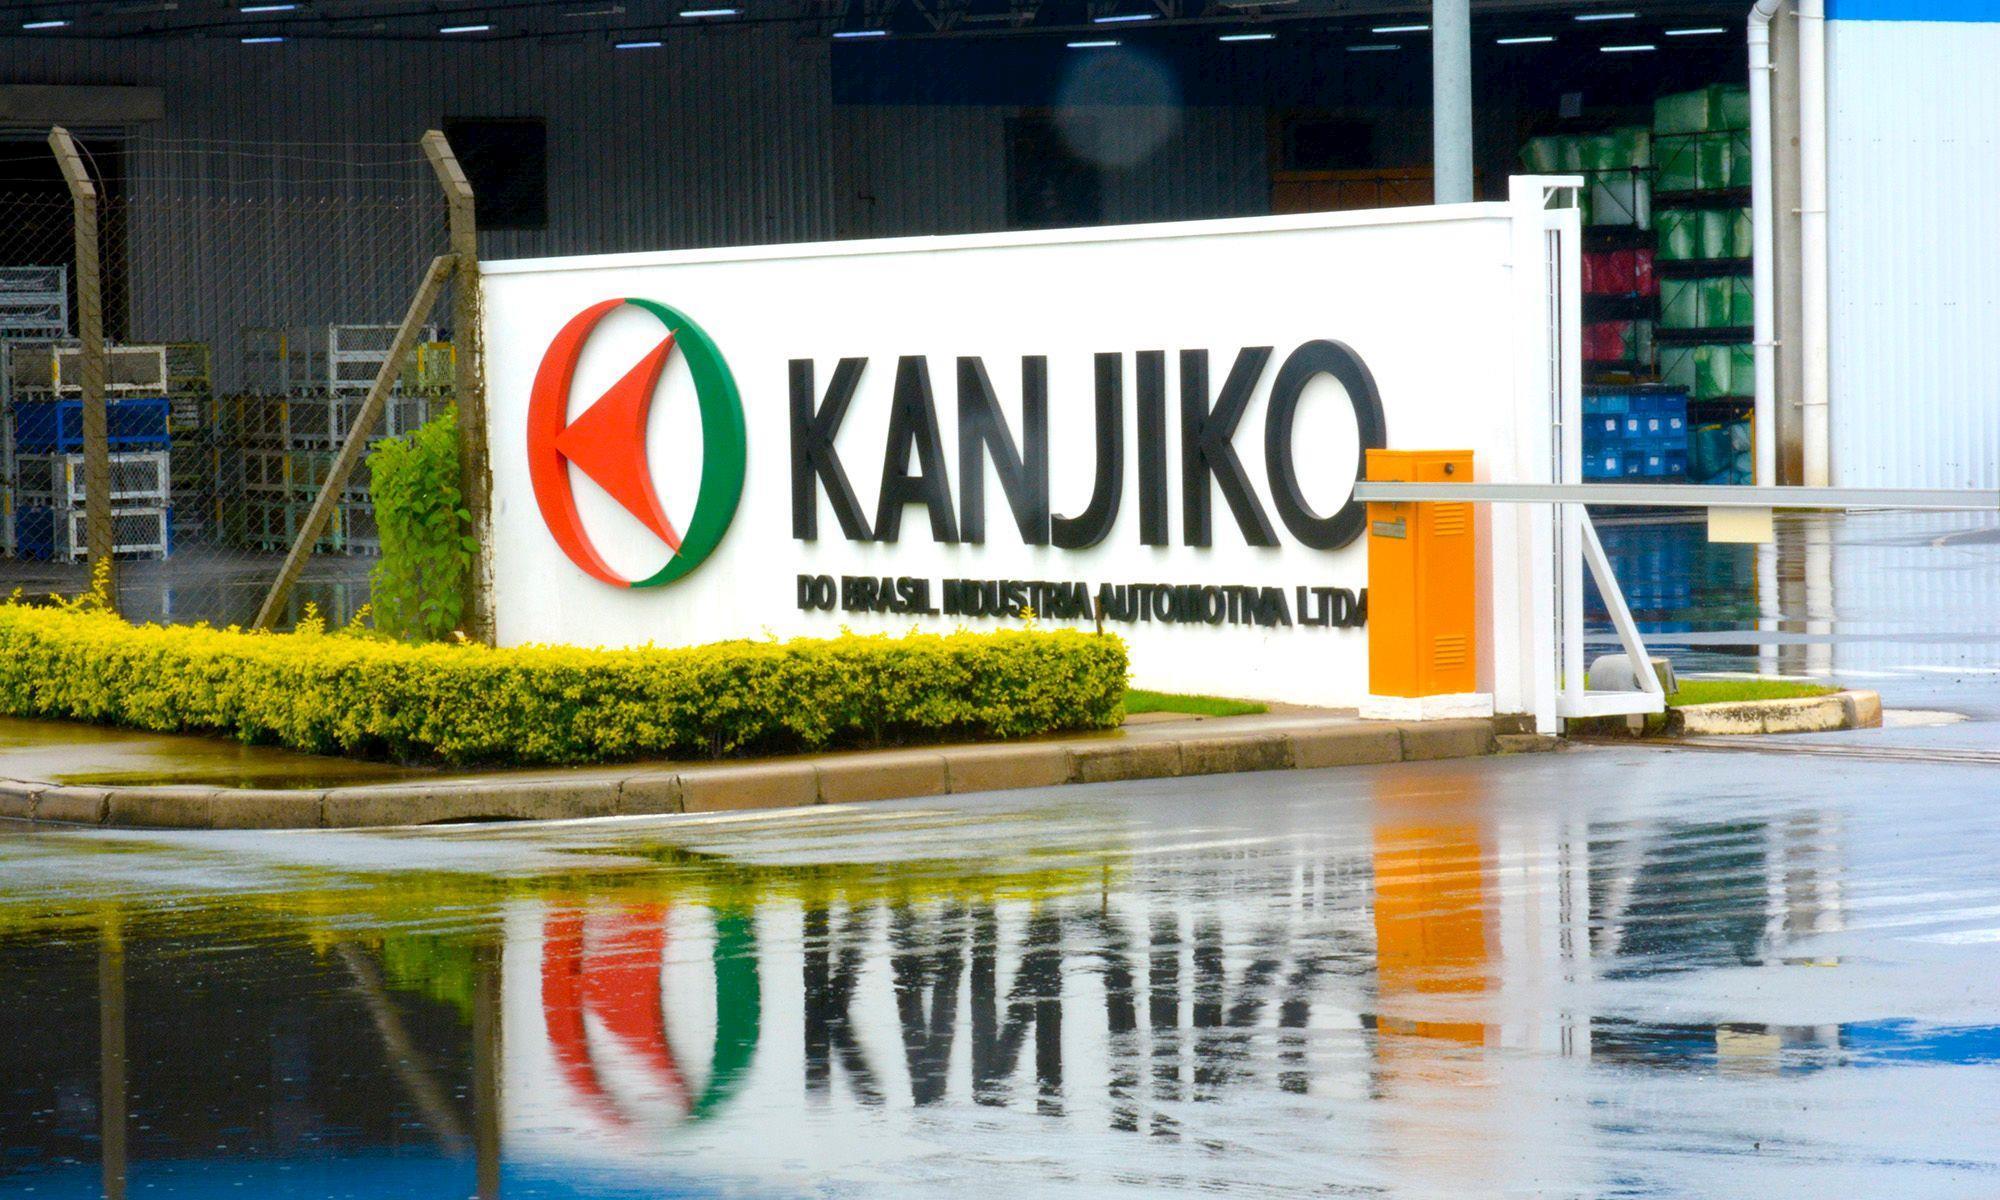 kanjiko, redução, jornada, votação, Arquivo/ Foguinho Imprensa SMetal